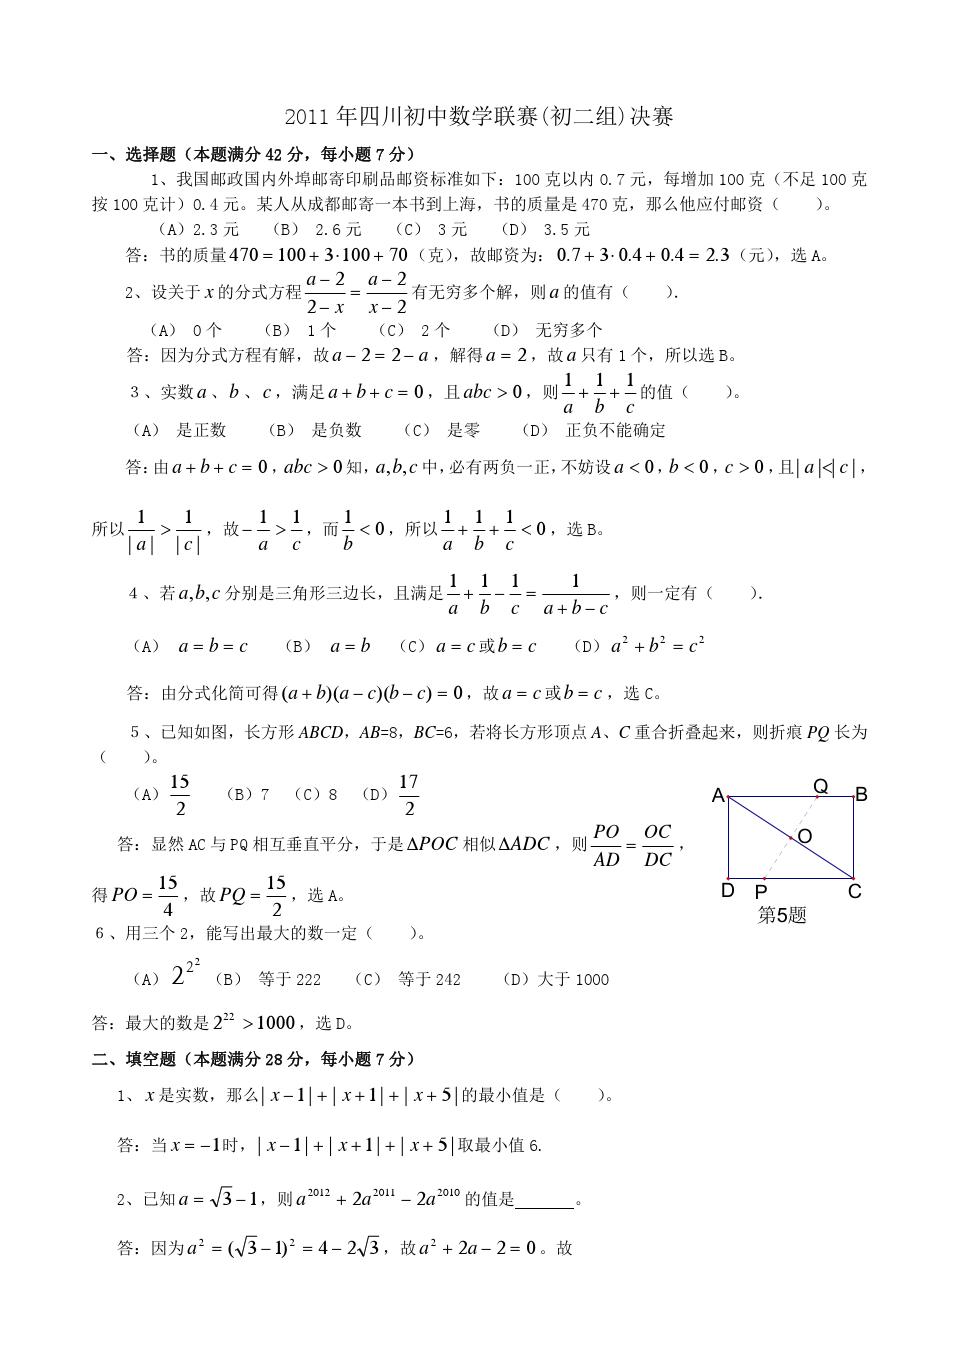 2011-2013年四川联赛数学初中(初二组)v联赛试镇初中和永川图片